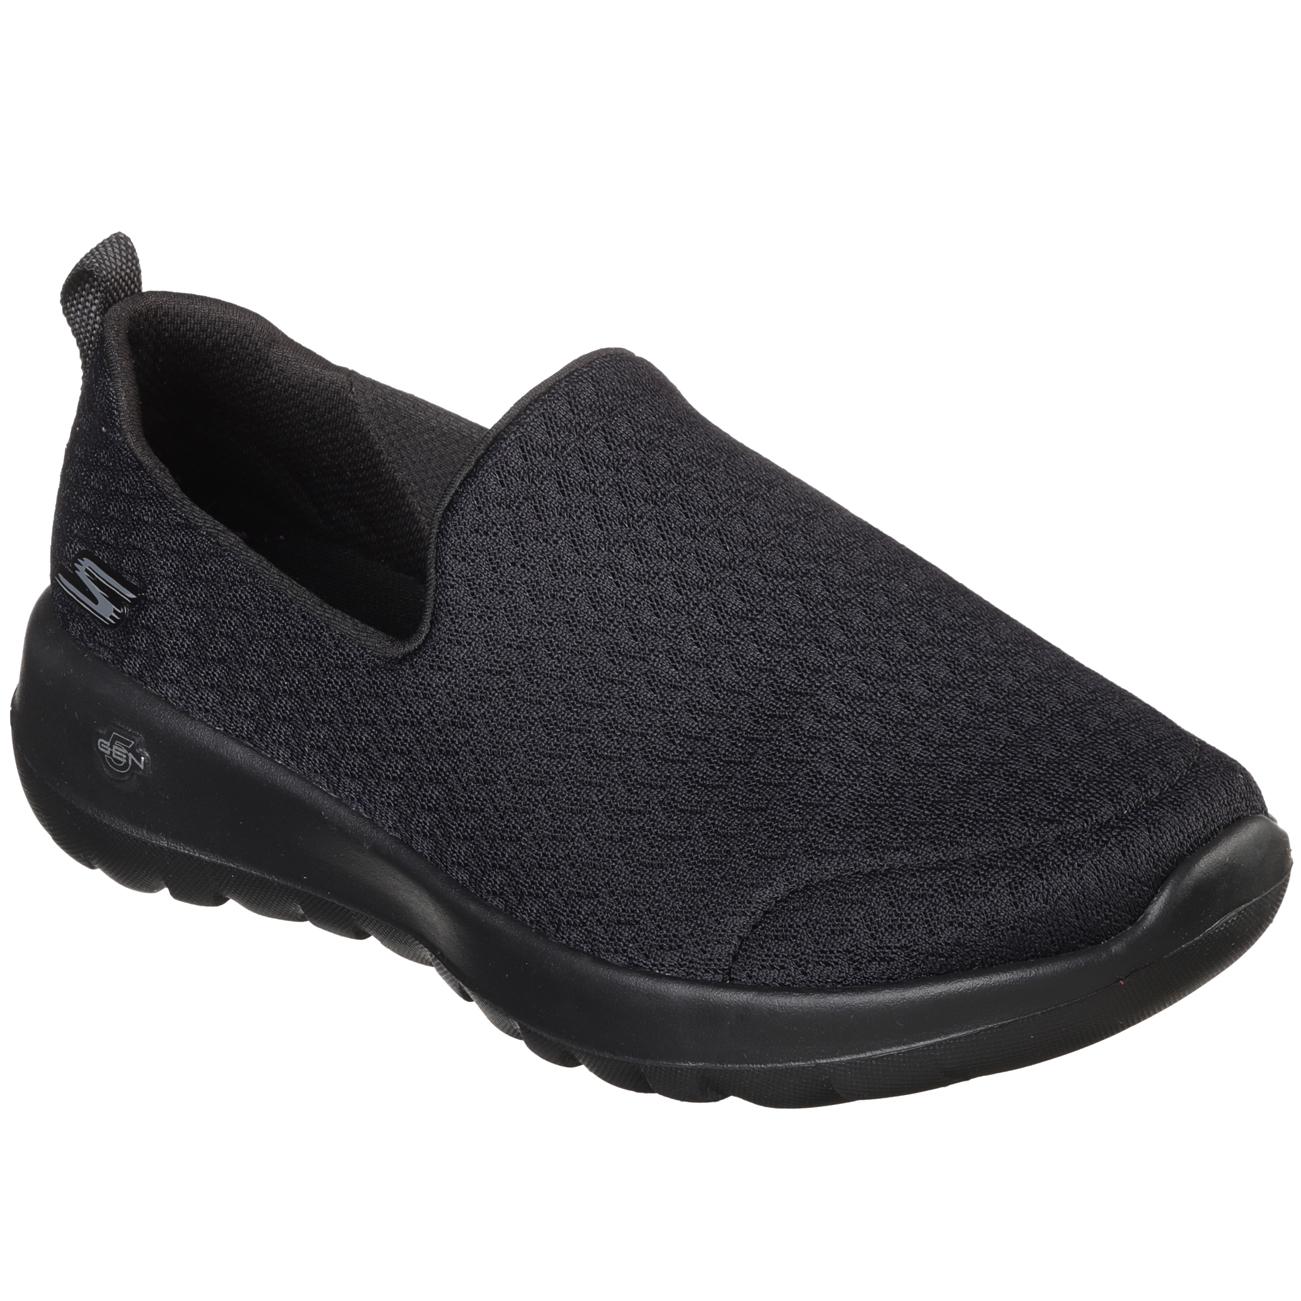 Damenschuhe Skechers Go Walking Walk Joy Sport Yoga Walking Go Lightweight Sneakers US 6-10.5 9288c9